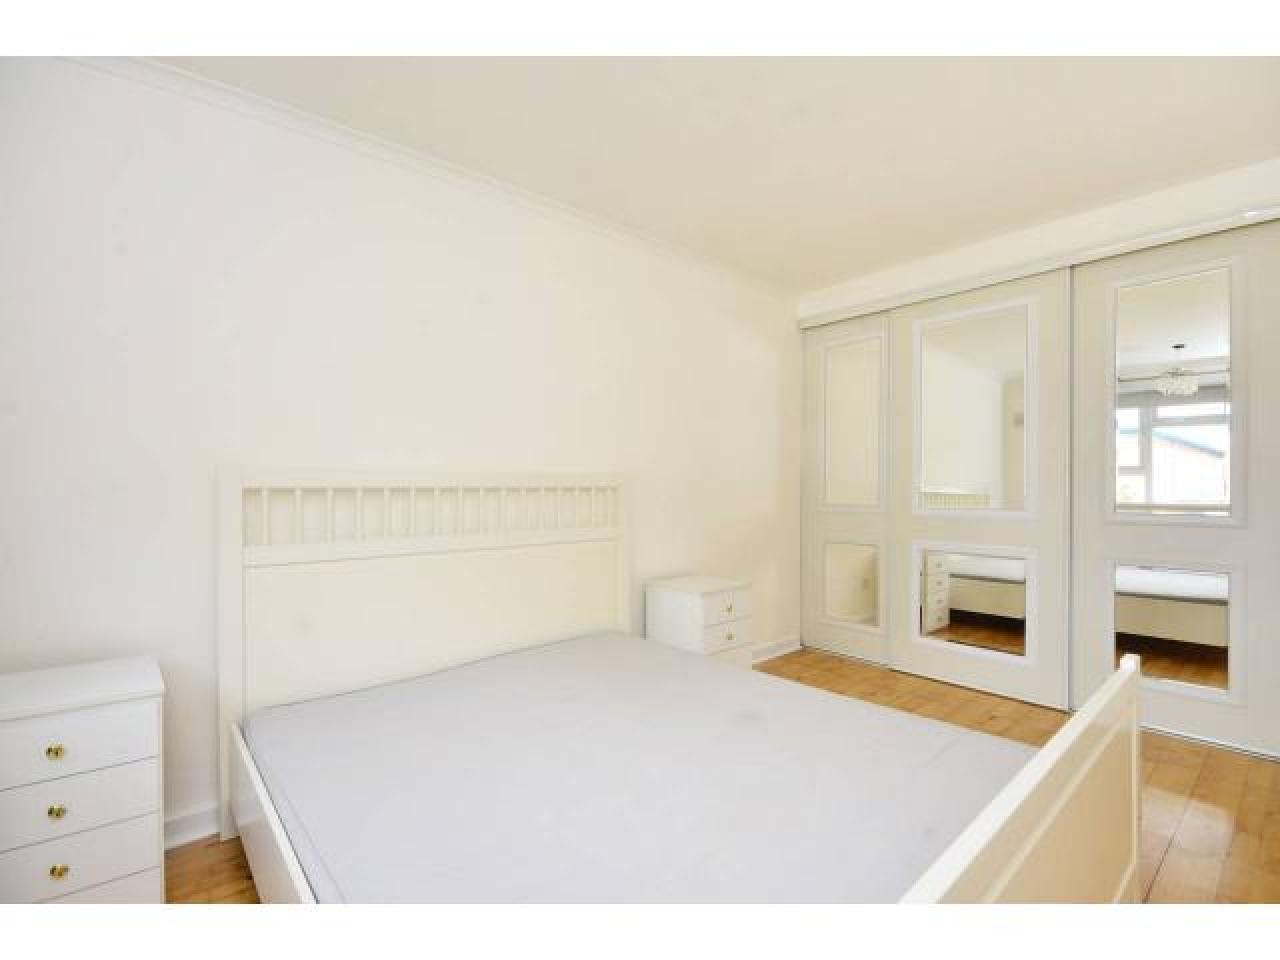 Сдаеться master bedroom для одного человека на Putney SW15 6AG - 4